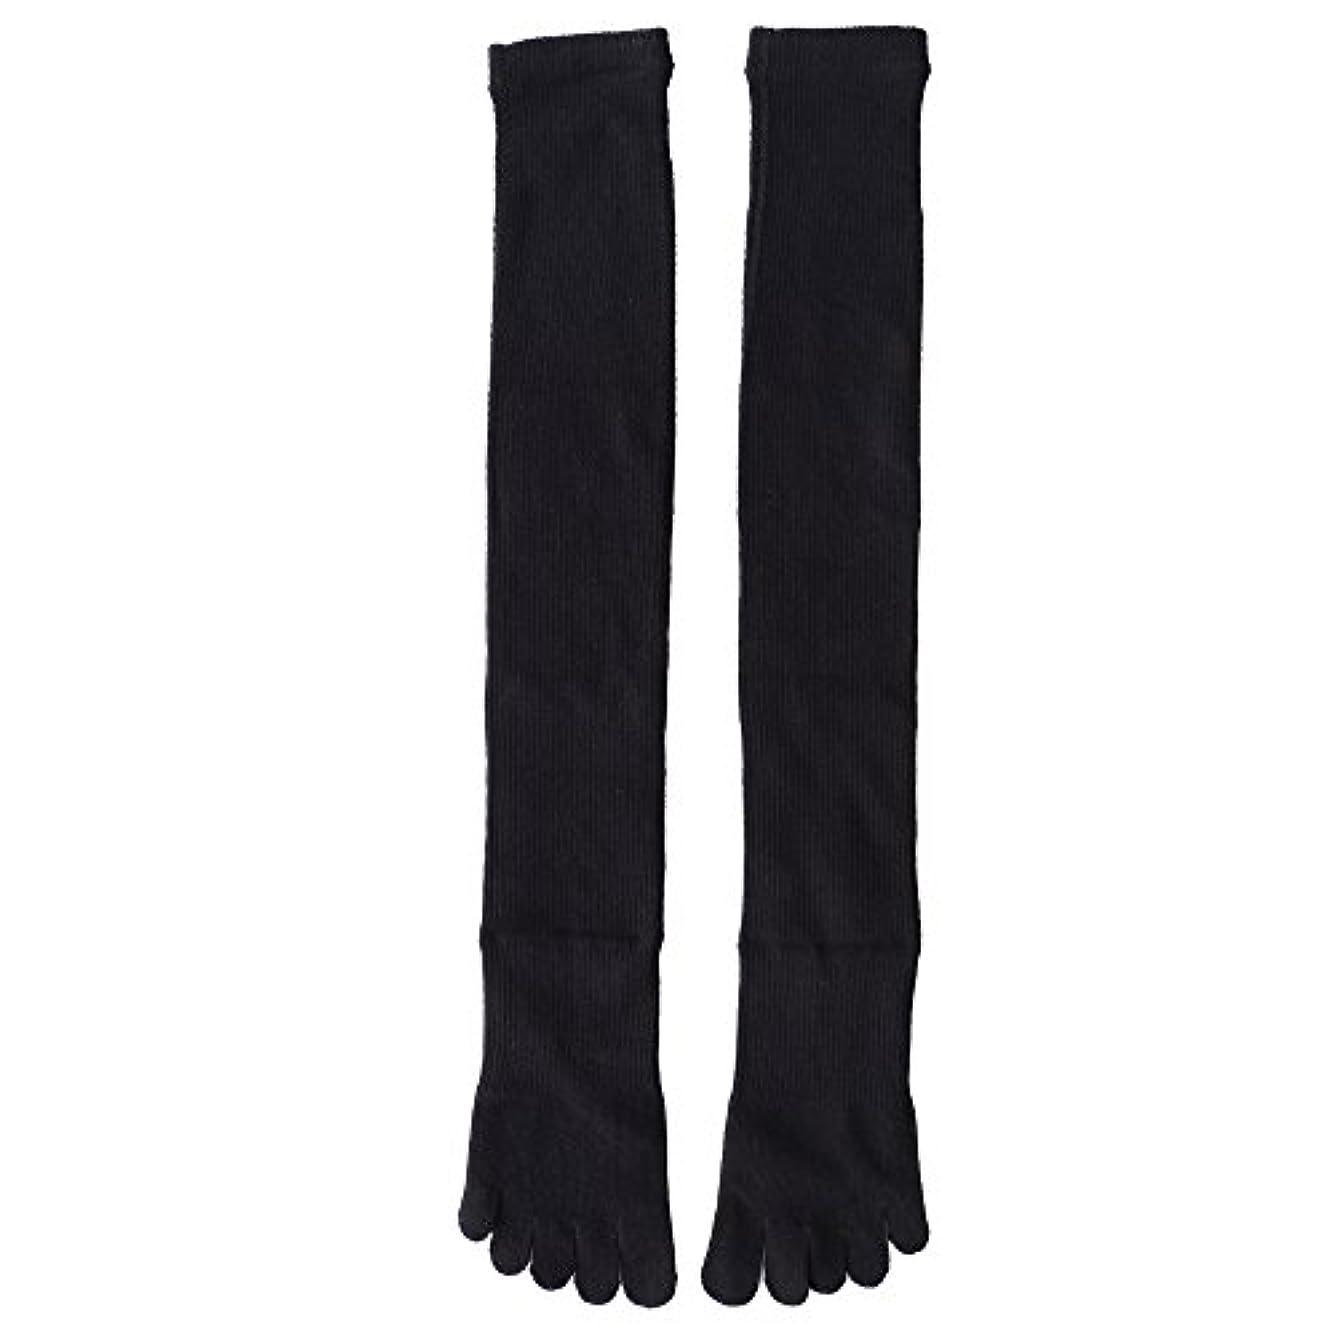 またはどちらか同様のデクリメント日本製靴下 5本指 着圧オーバニーハイソックス